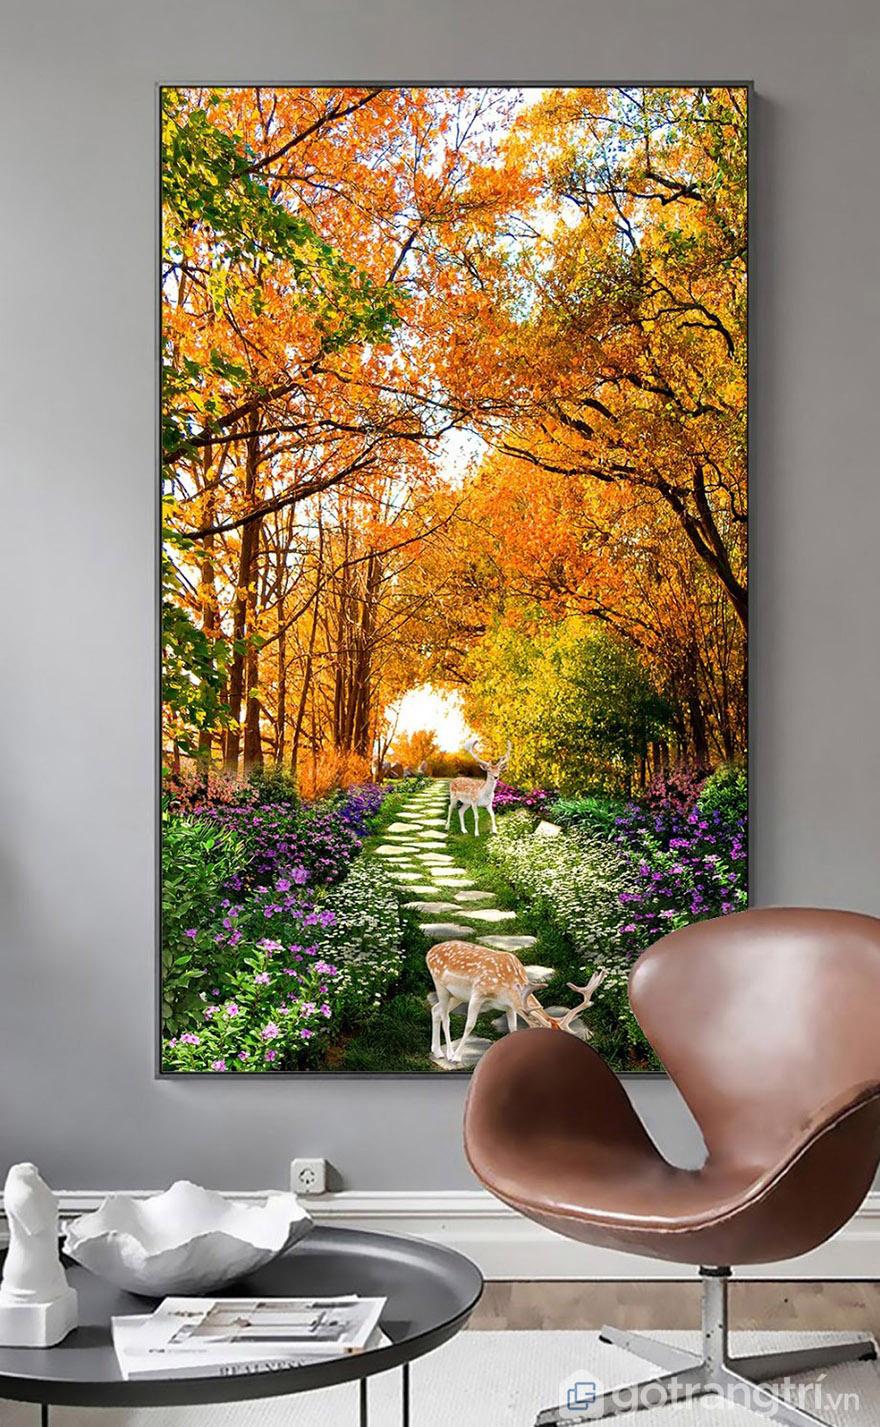 Tranh phong cảnh mang đến màu sắc tươi sáng cho không gian phòng khách.